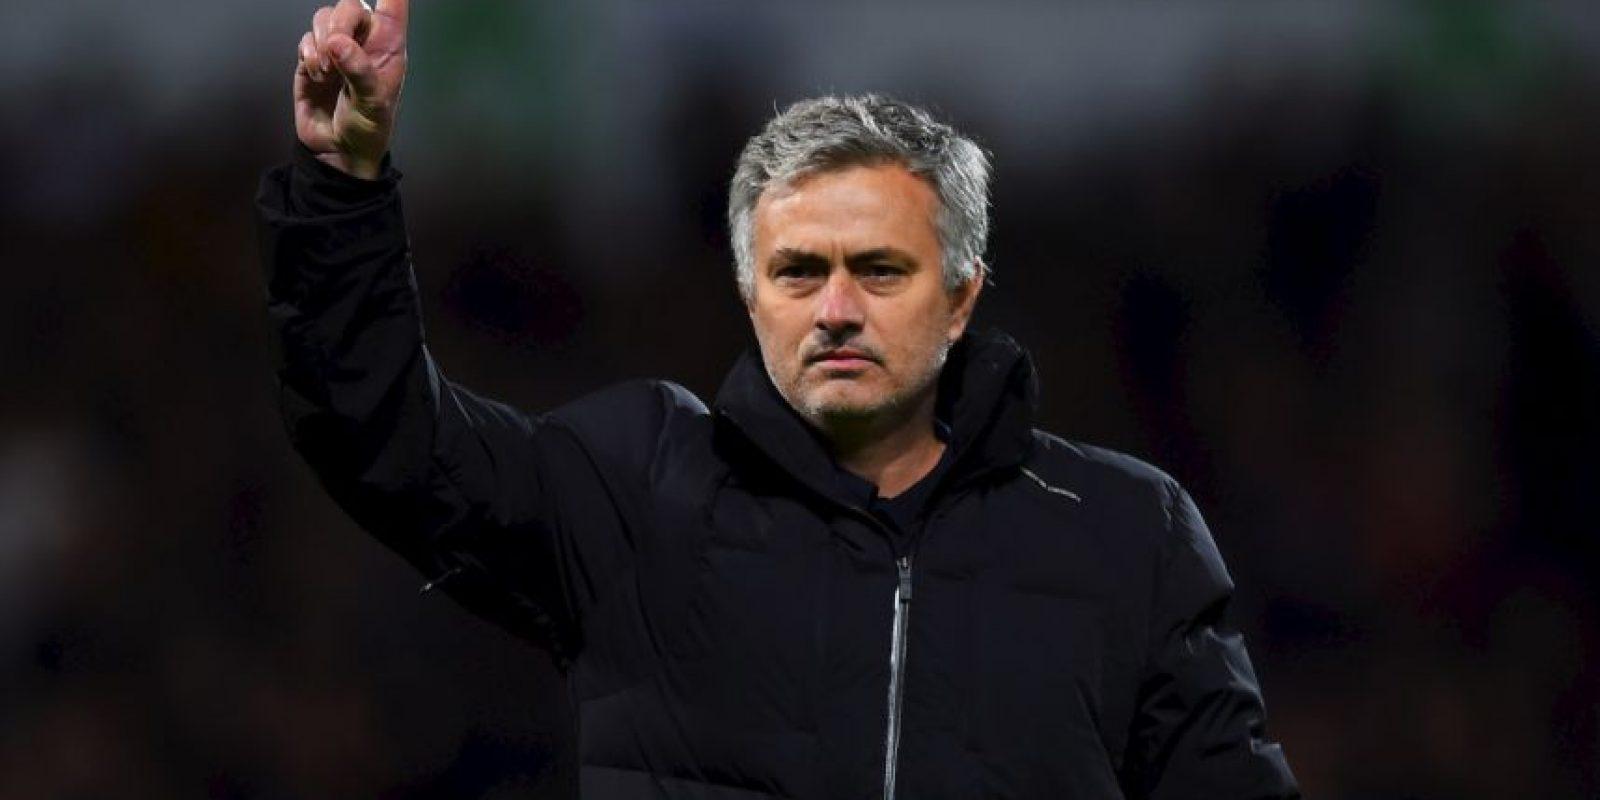 Jose Mourinho es uno de los entrenadores de fútbol más exitosos de la última década. Foto:Getty Images